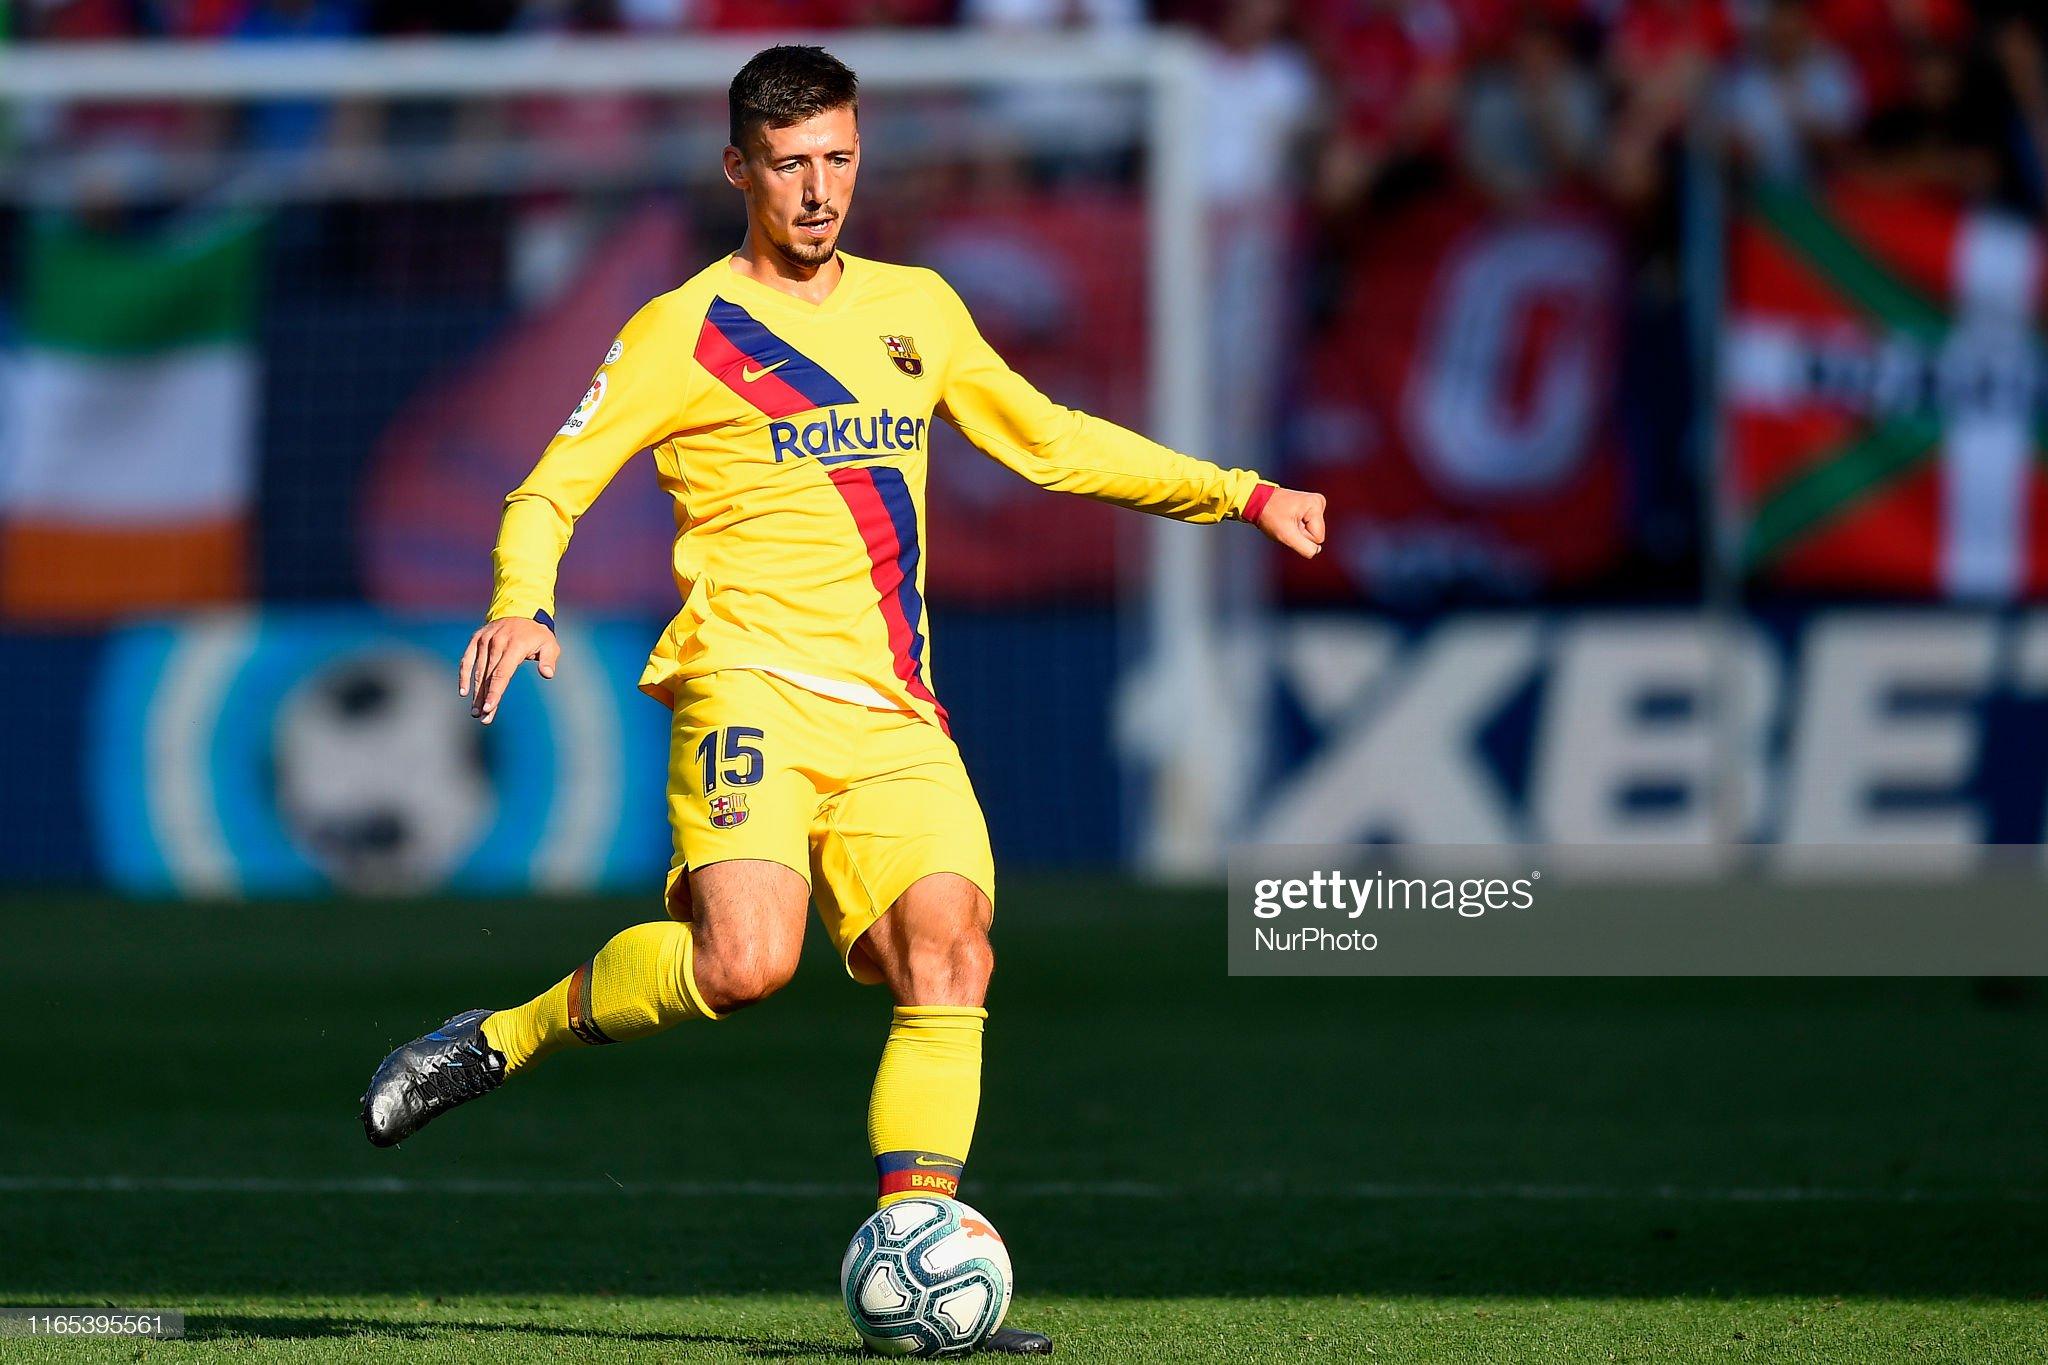 صور مباراة : أوساسونا - برشلونة 2-2 ( 31-08-2019 )  Clement-lenglet-of-barcelona-does-passed-during-the-liga-match-ca-picture-id1165395561?s=2048x2048